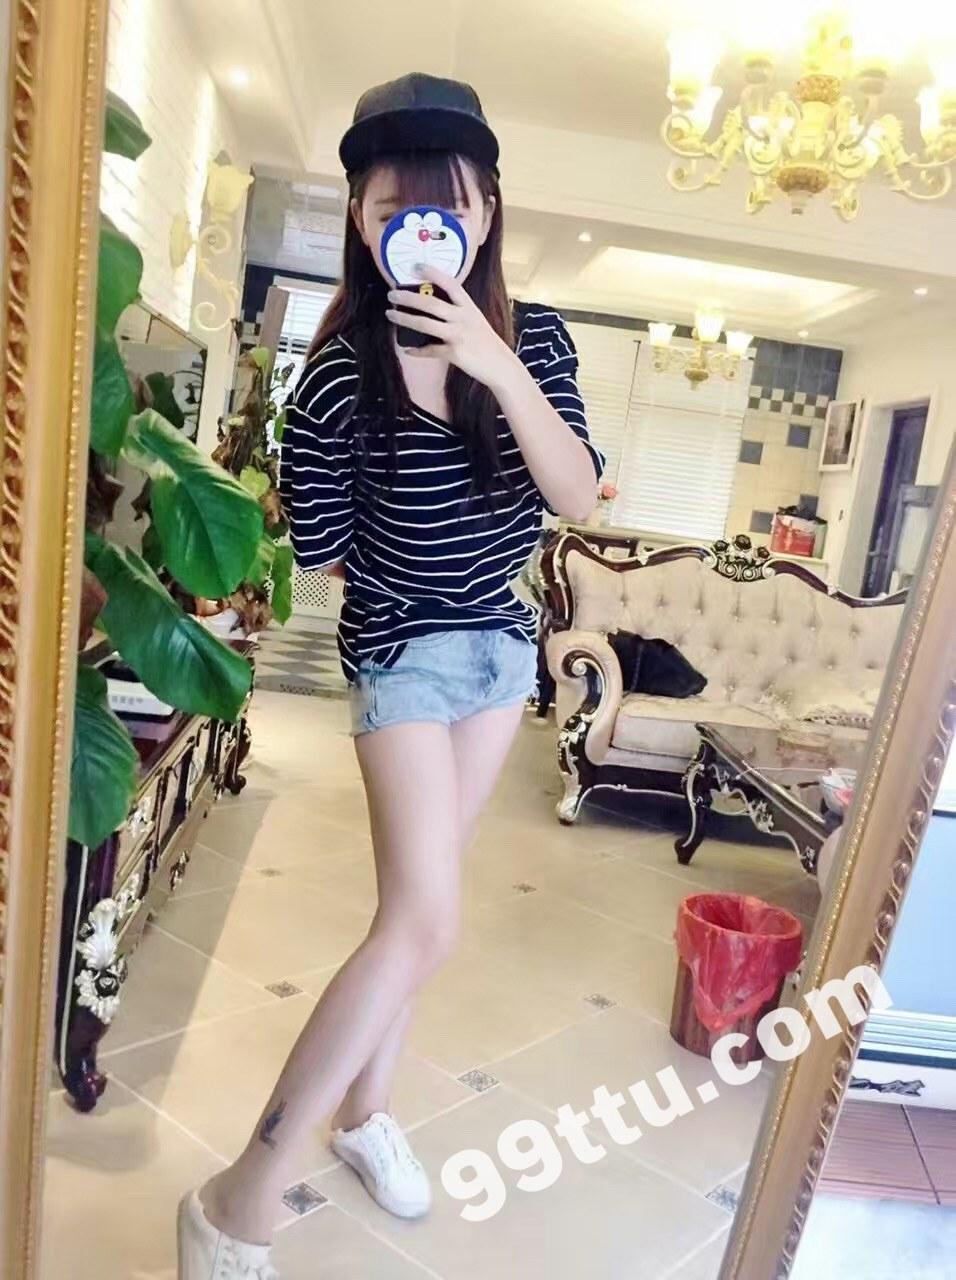 KK61_310张图+69视频 时尚可爱真实美女生活照-15